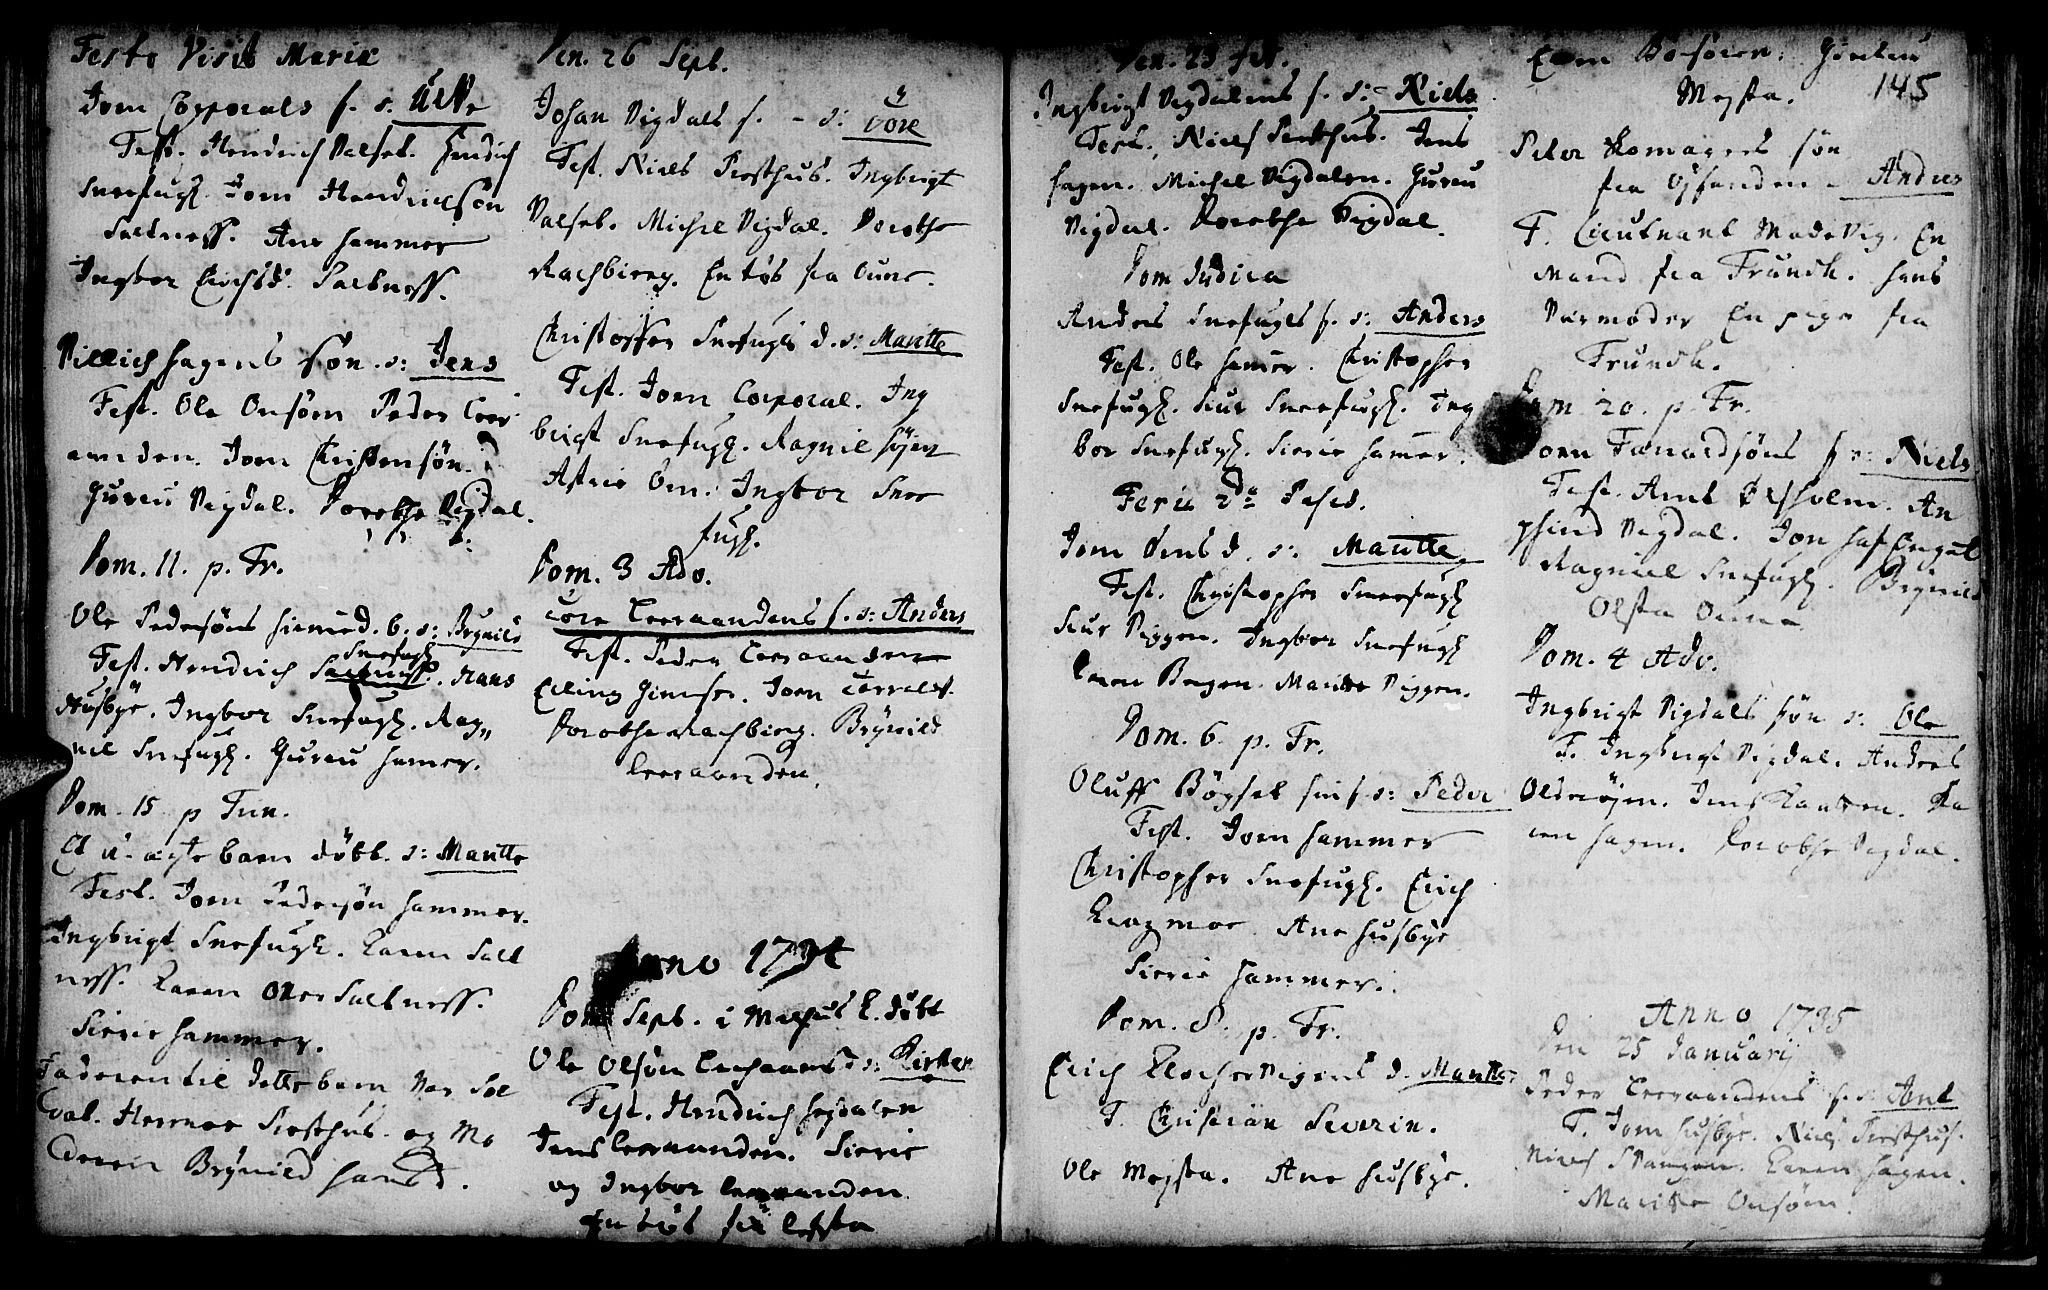 SAT, Ministerialprotokoller, klokkerbøker og fødselsregistre - Sør-Trøndelag, 666/L0783: Ministerialbok nr. 666A01, 1702-1753, s. 145